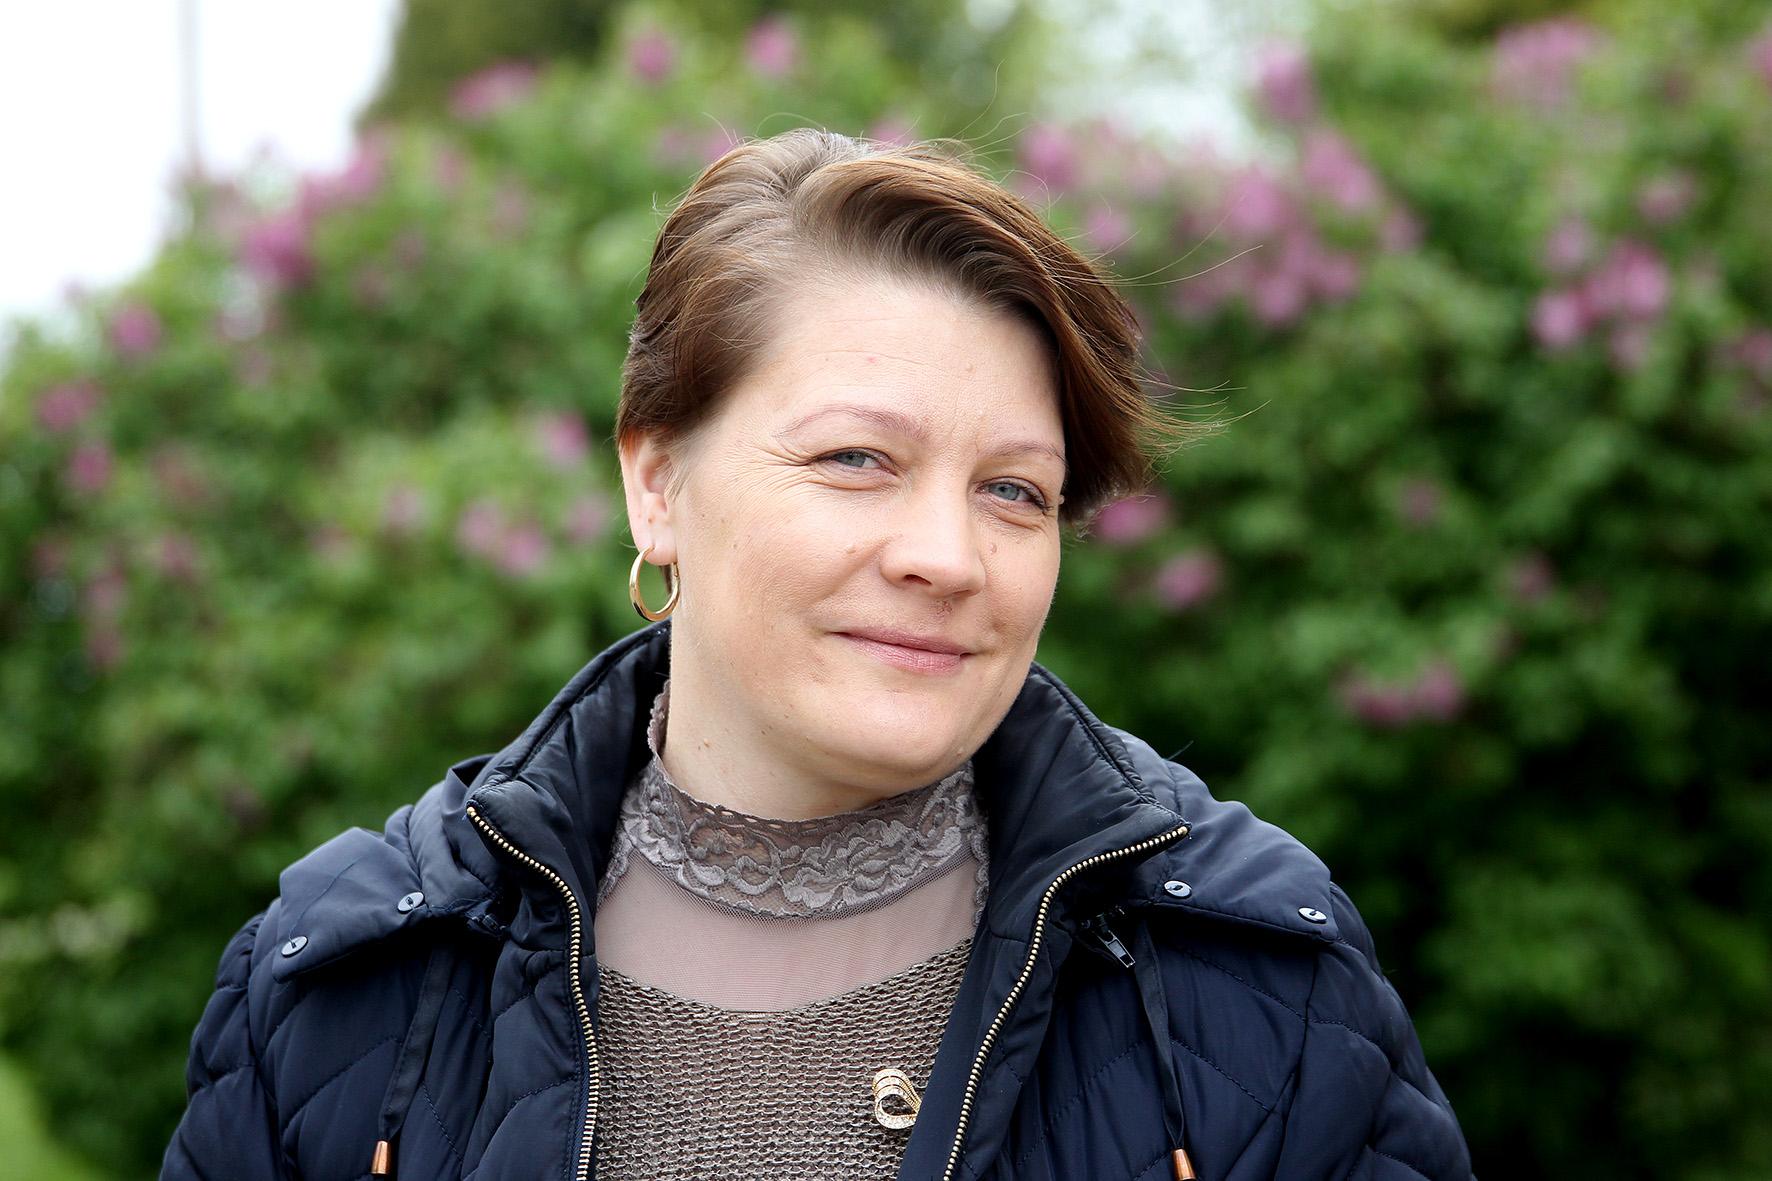 Jau 20 metų Devynduoniuose gyvenanti ir net ketverius metus bendruomenės pirmininkės pareigas einanti Audronė Konderauskienė į kaimelį atsikėlė iš Radviliškio rajono. A.Barzdžiaus nuotr.